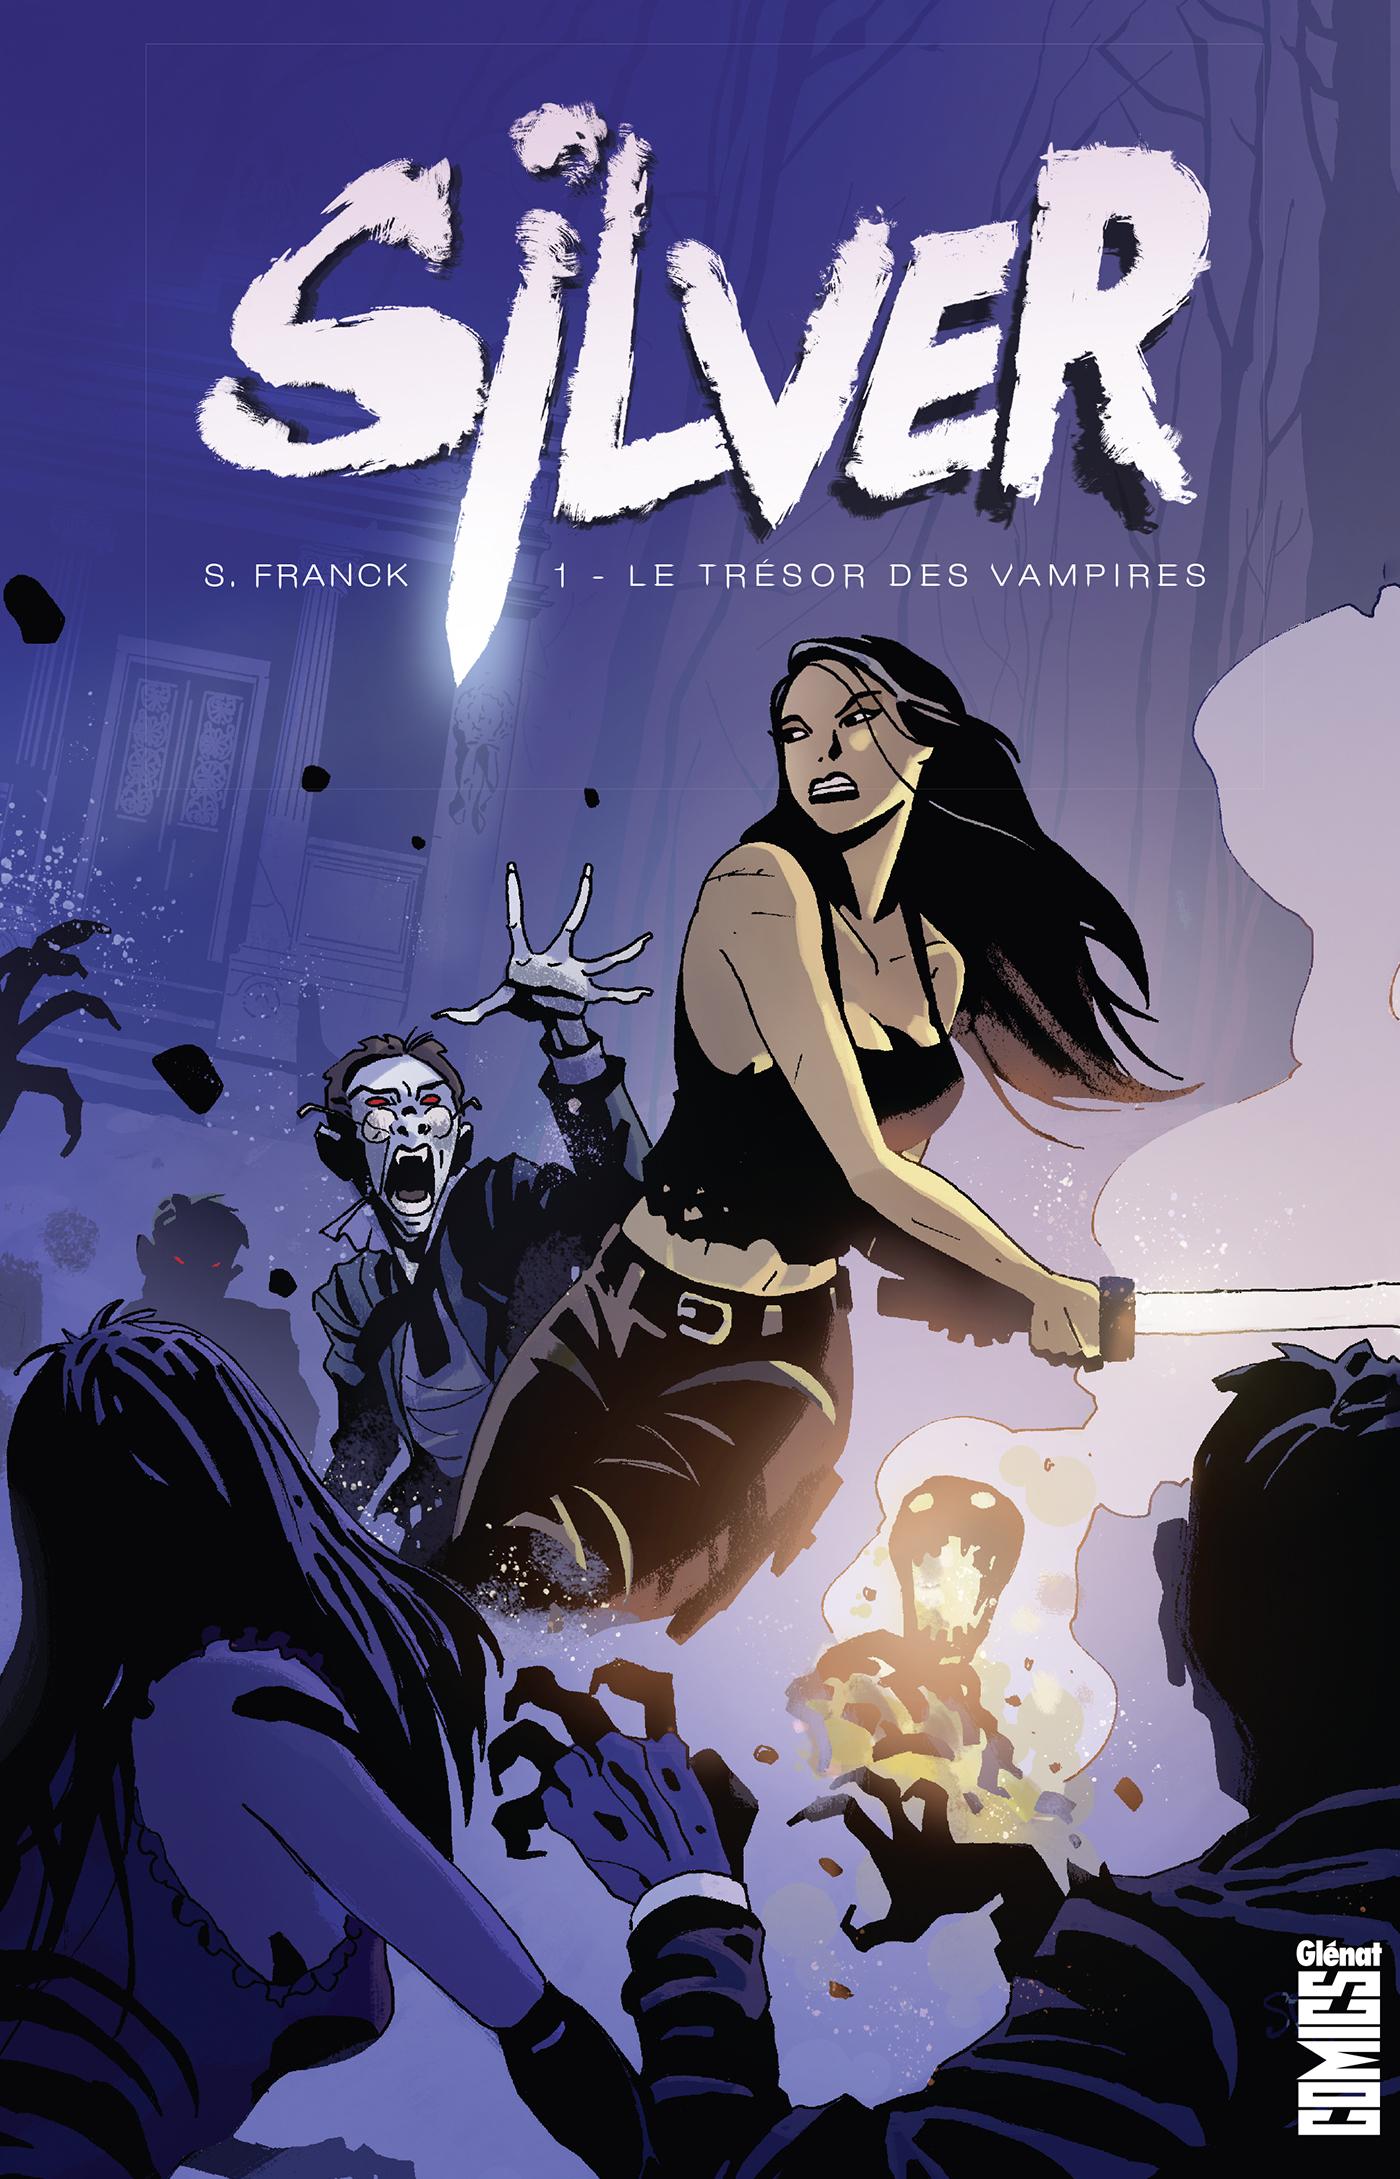 Silver 1 - Le Trésor des vampires